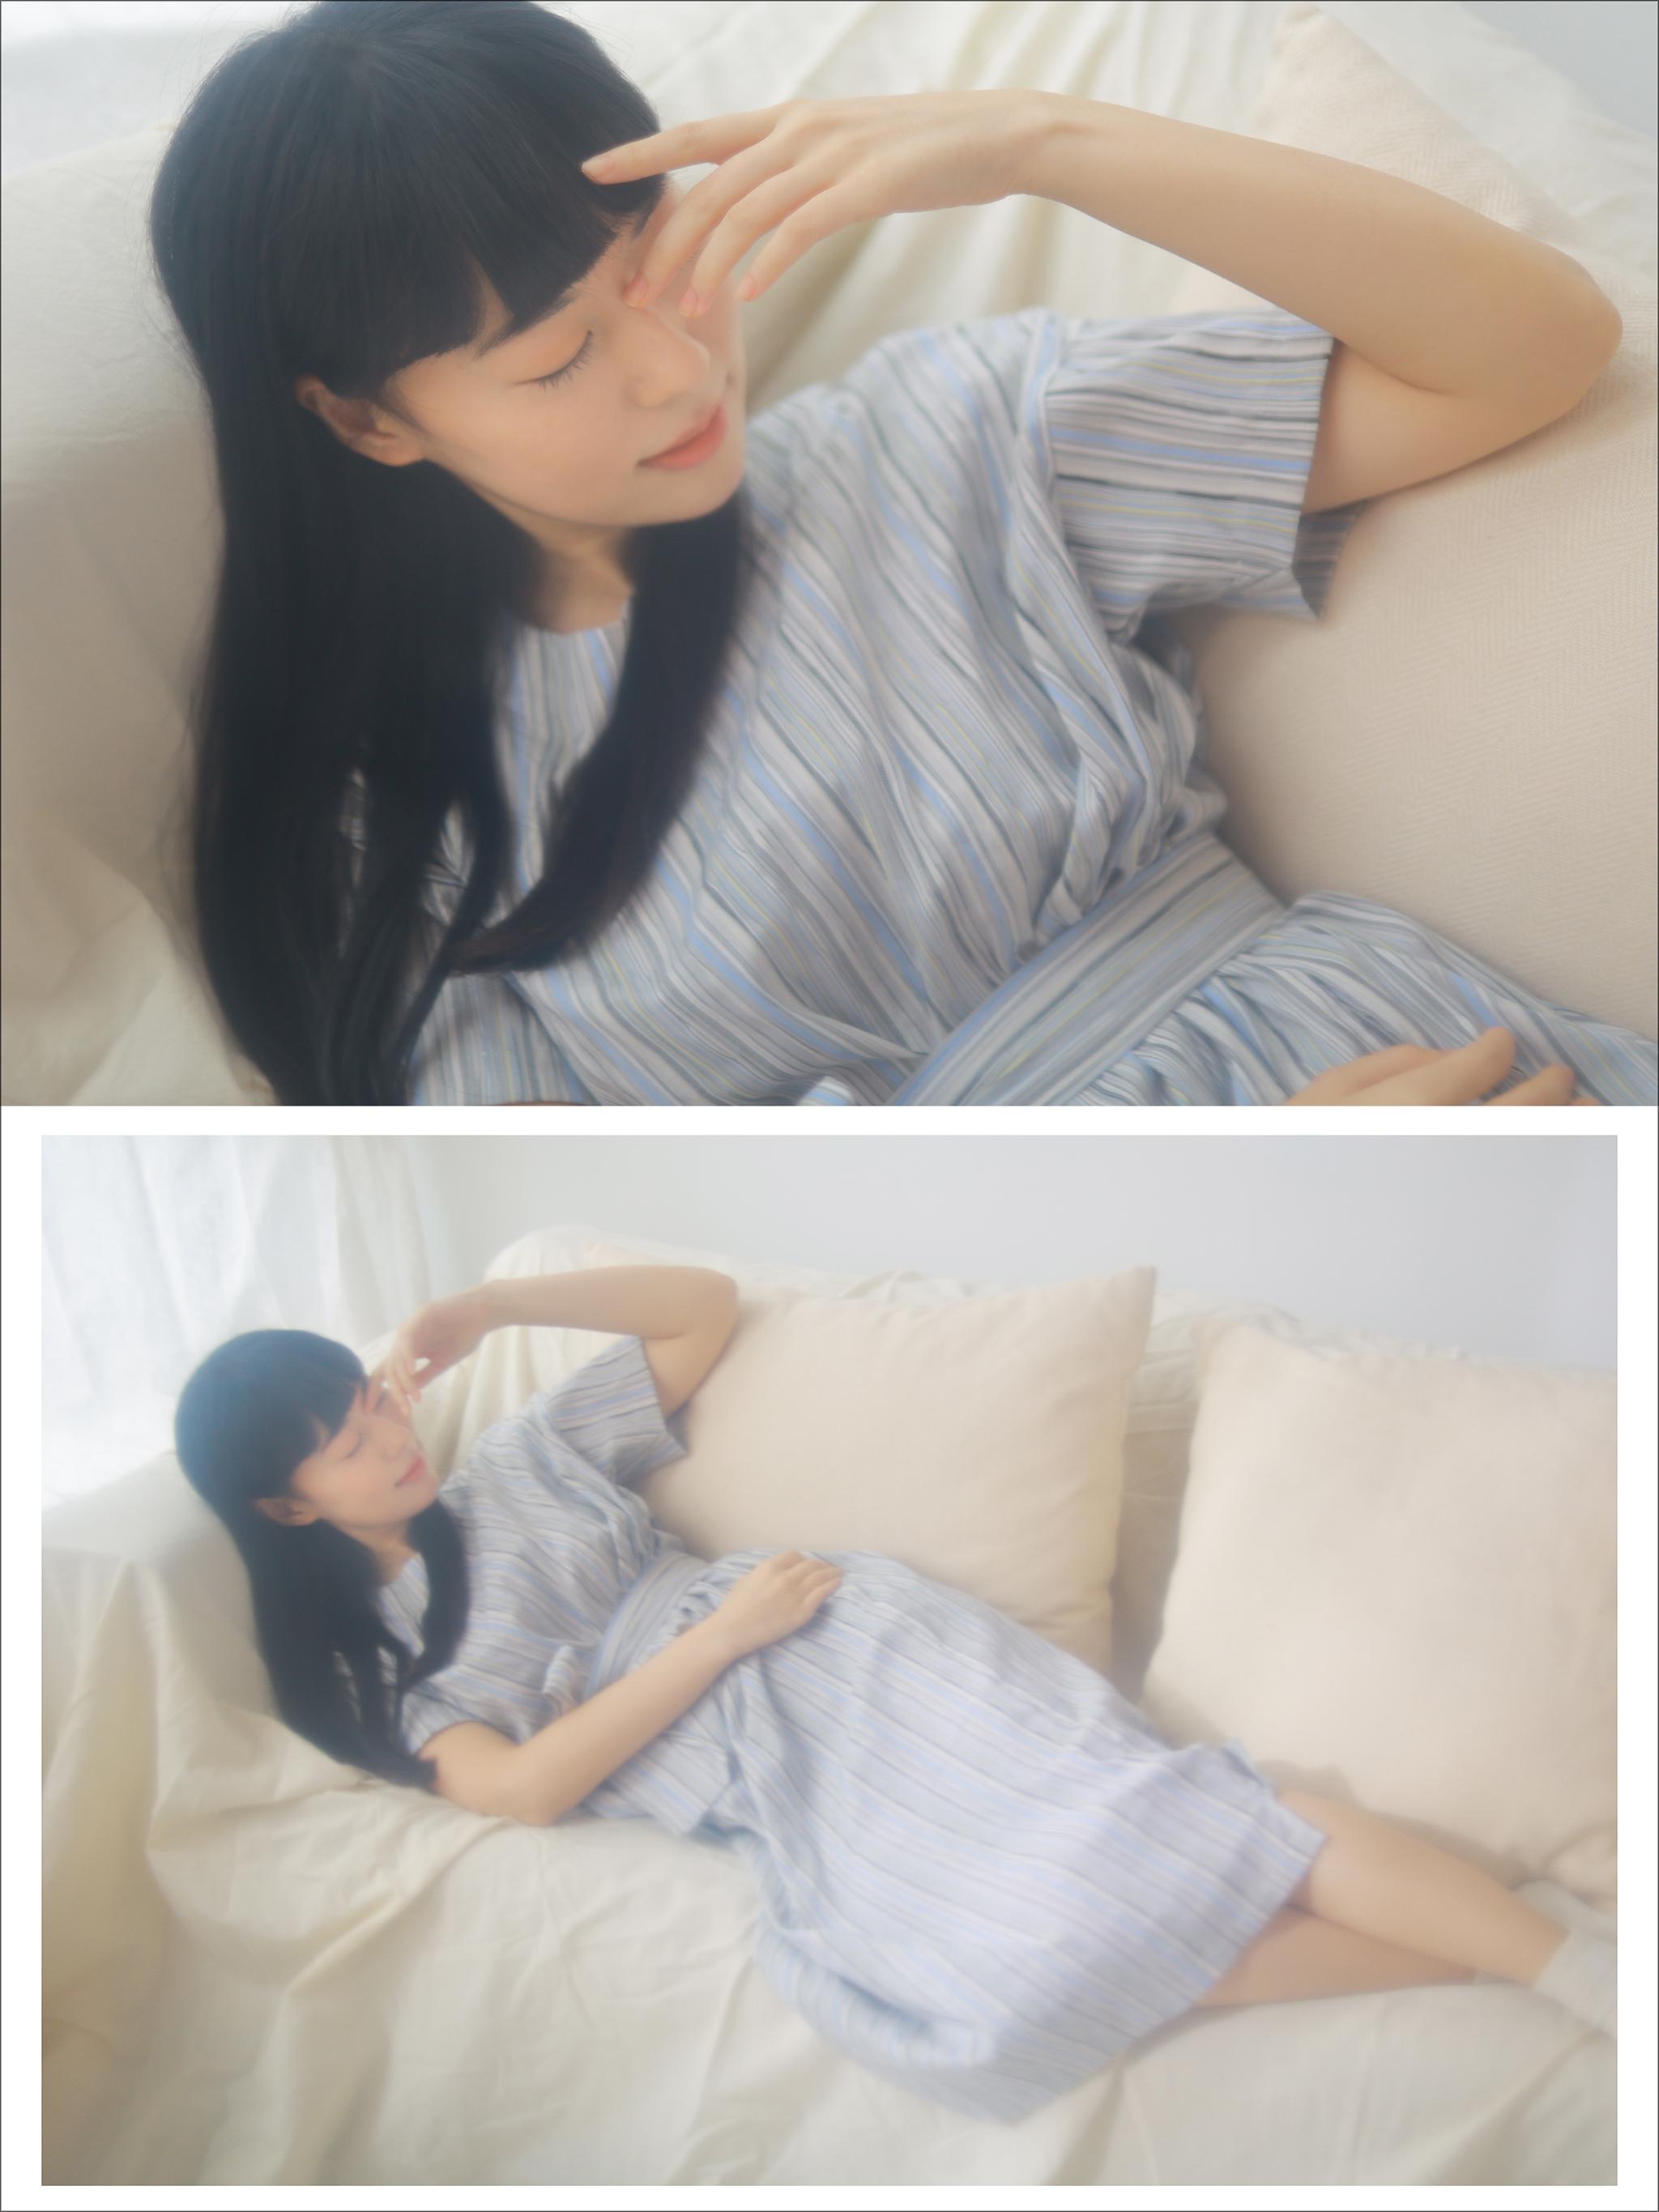 51434685611 7266d586d6 o - 【形象寫真】+Yaning+